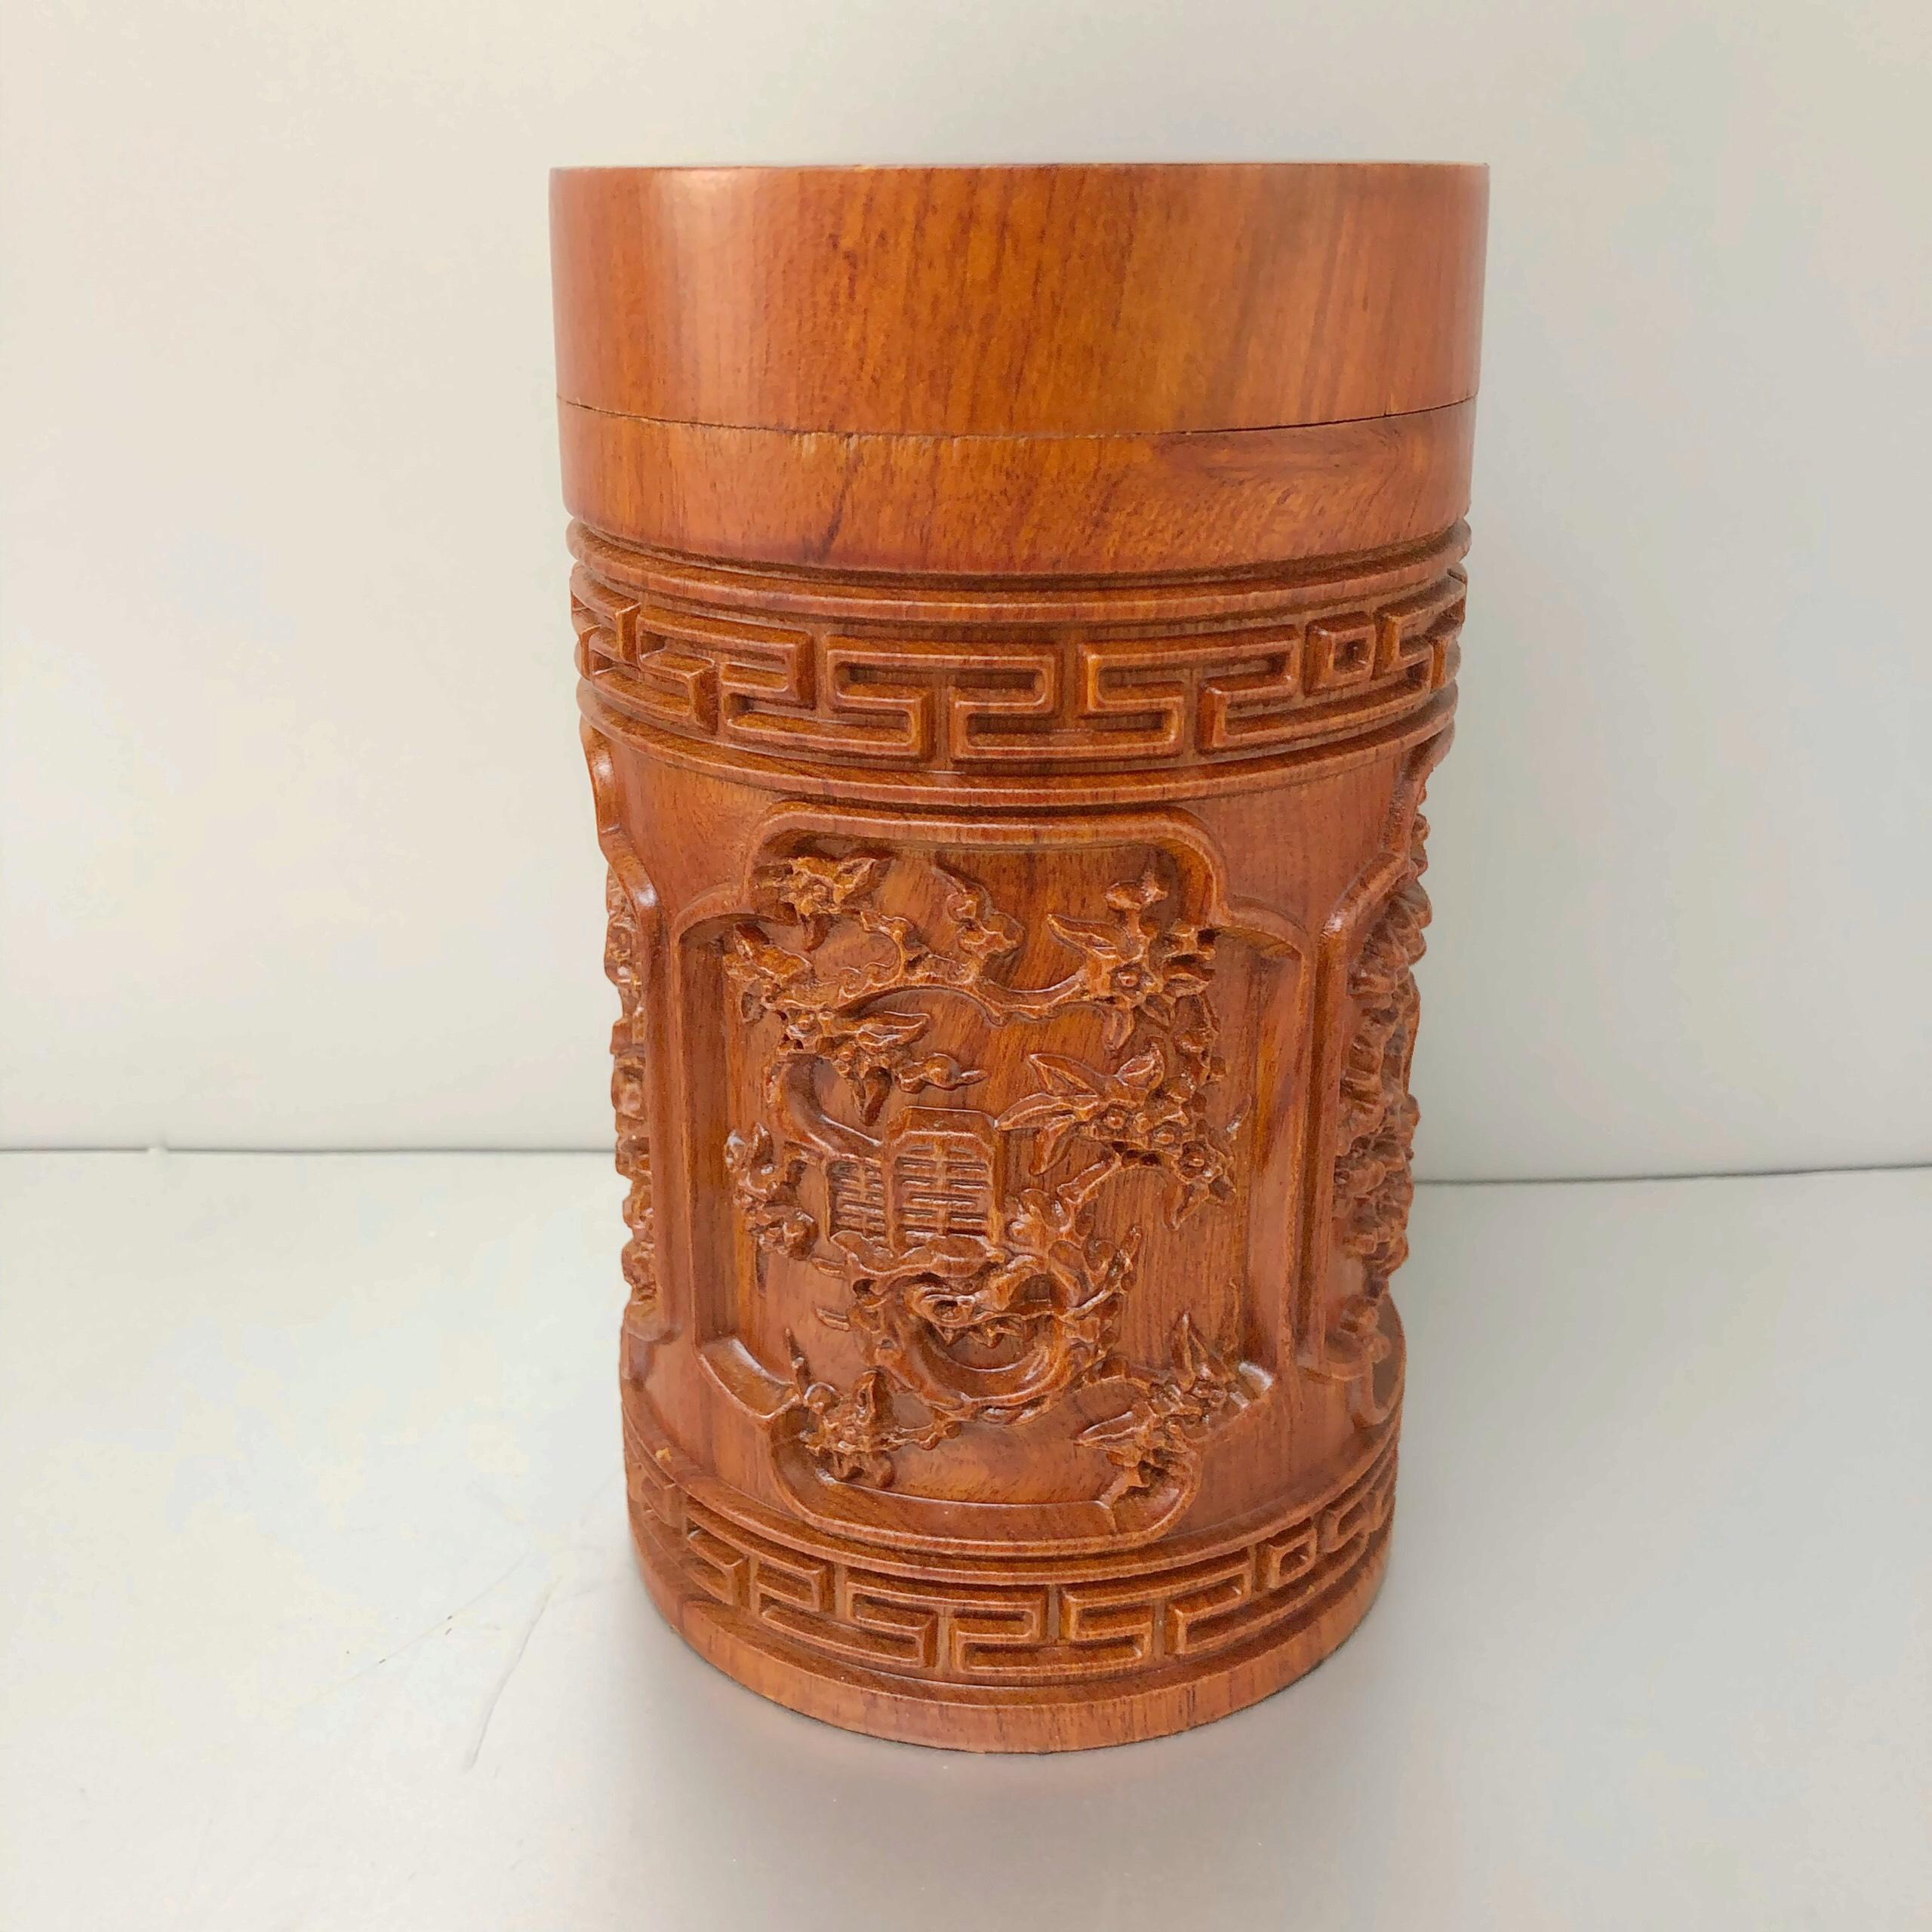 Hộp đựng trà gỗ hương khắc tinh xảo